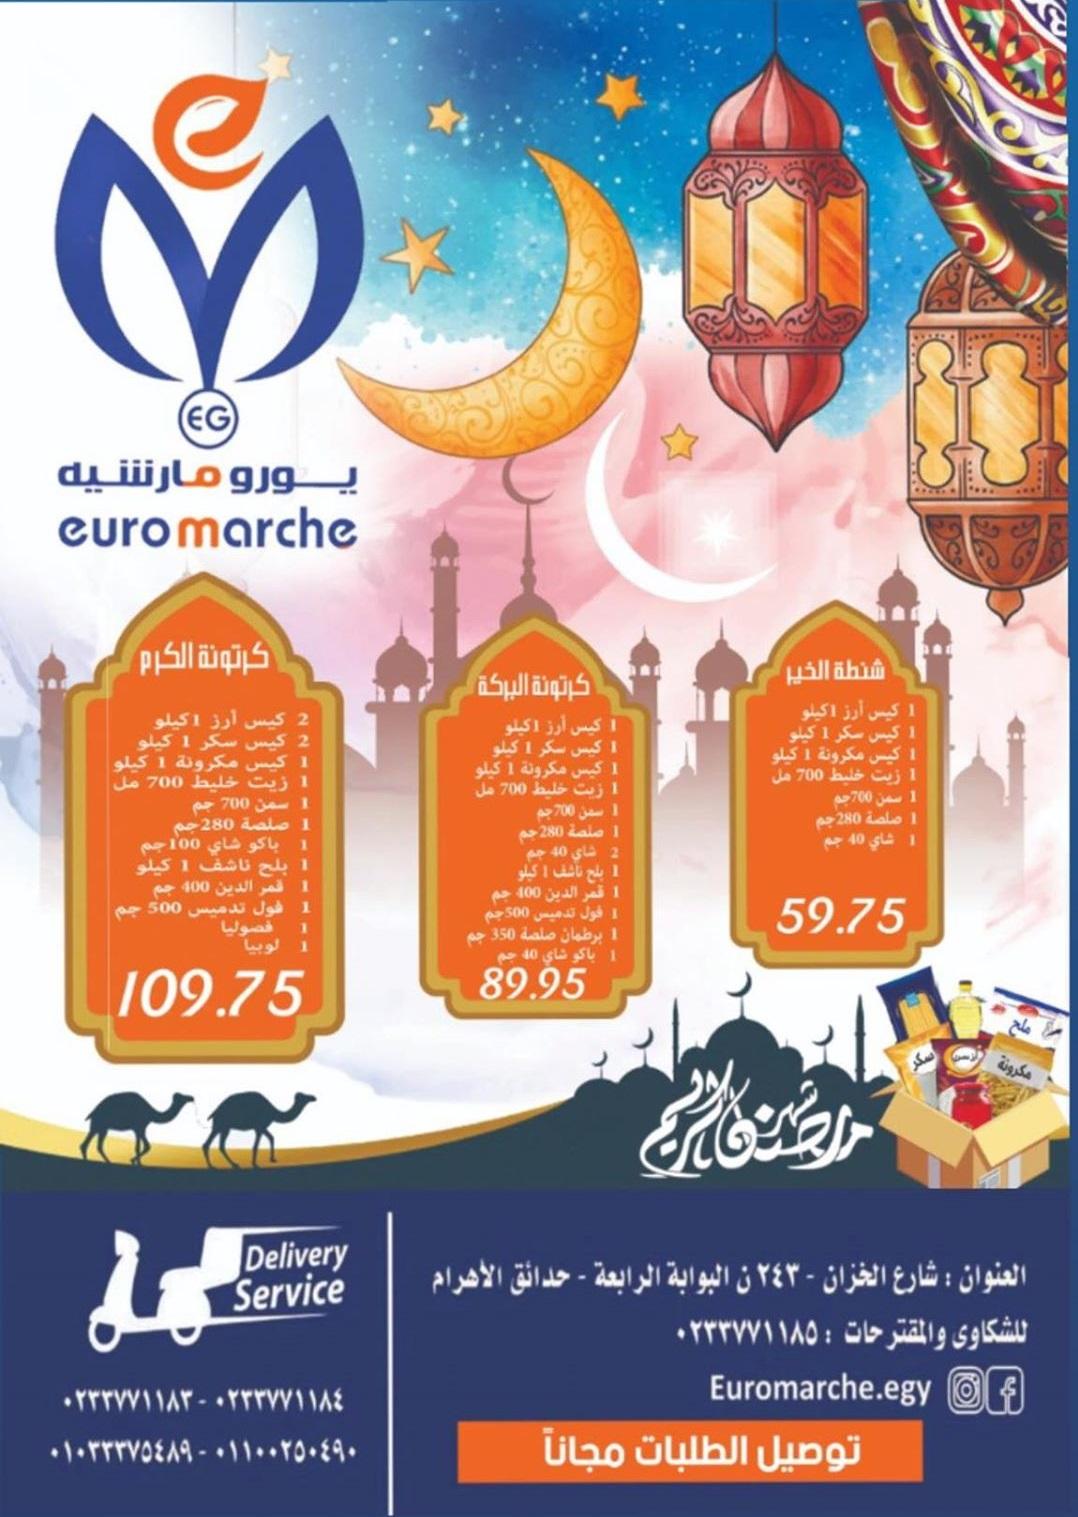 عروض كرتونة رمضان 2020 من يورومارشيه مصر